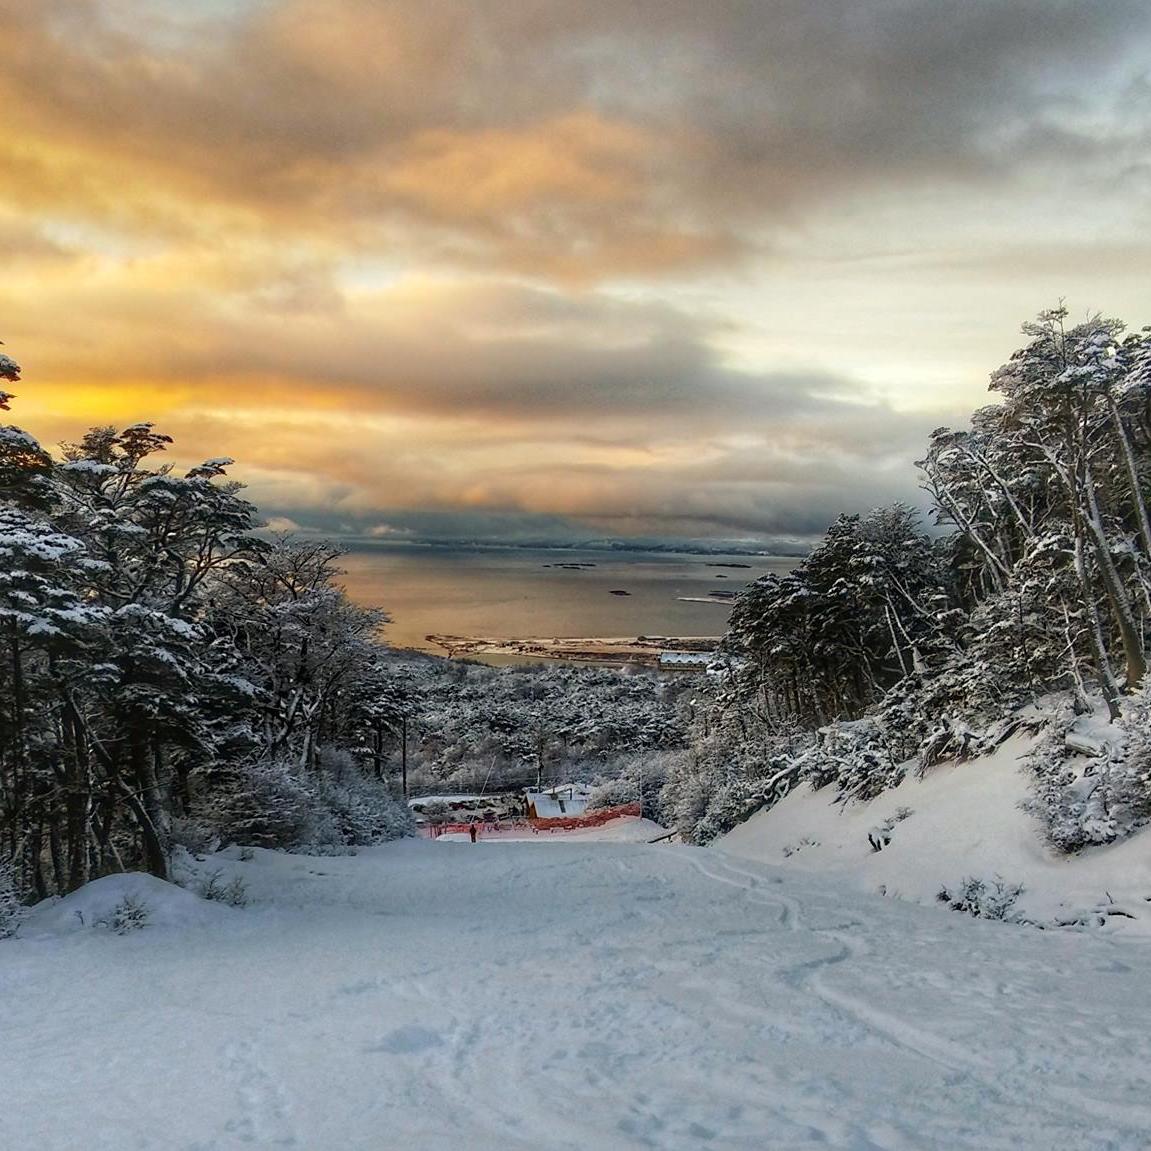 PRONÓSTICO: Más de 1,5 Metros Para Valle Nevado | Nevará Toda la Semana en CerroCastor